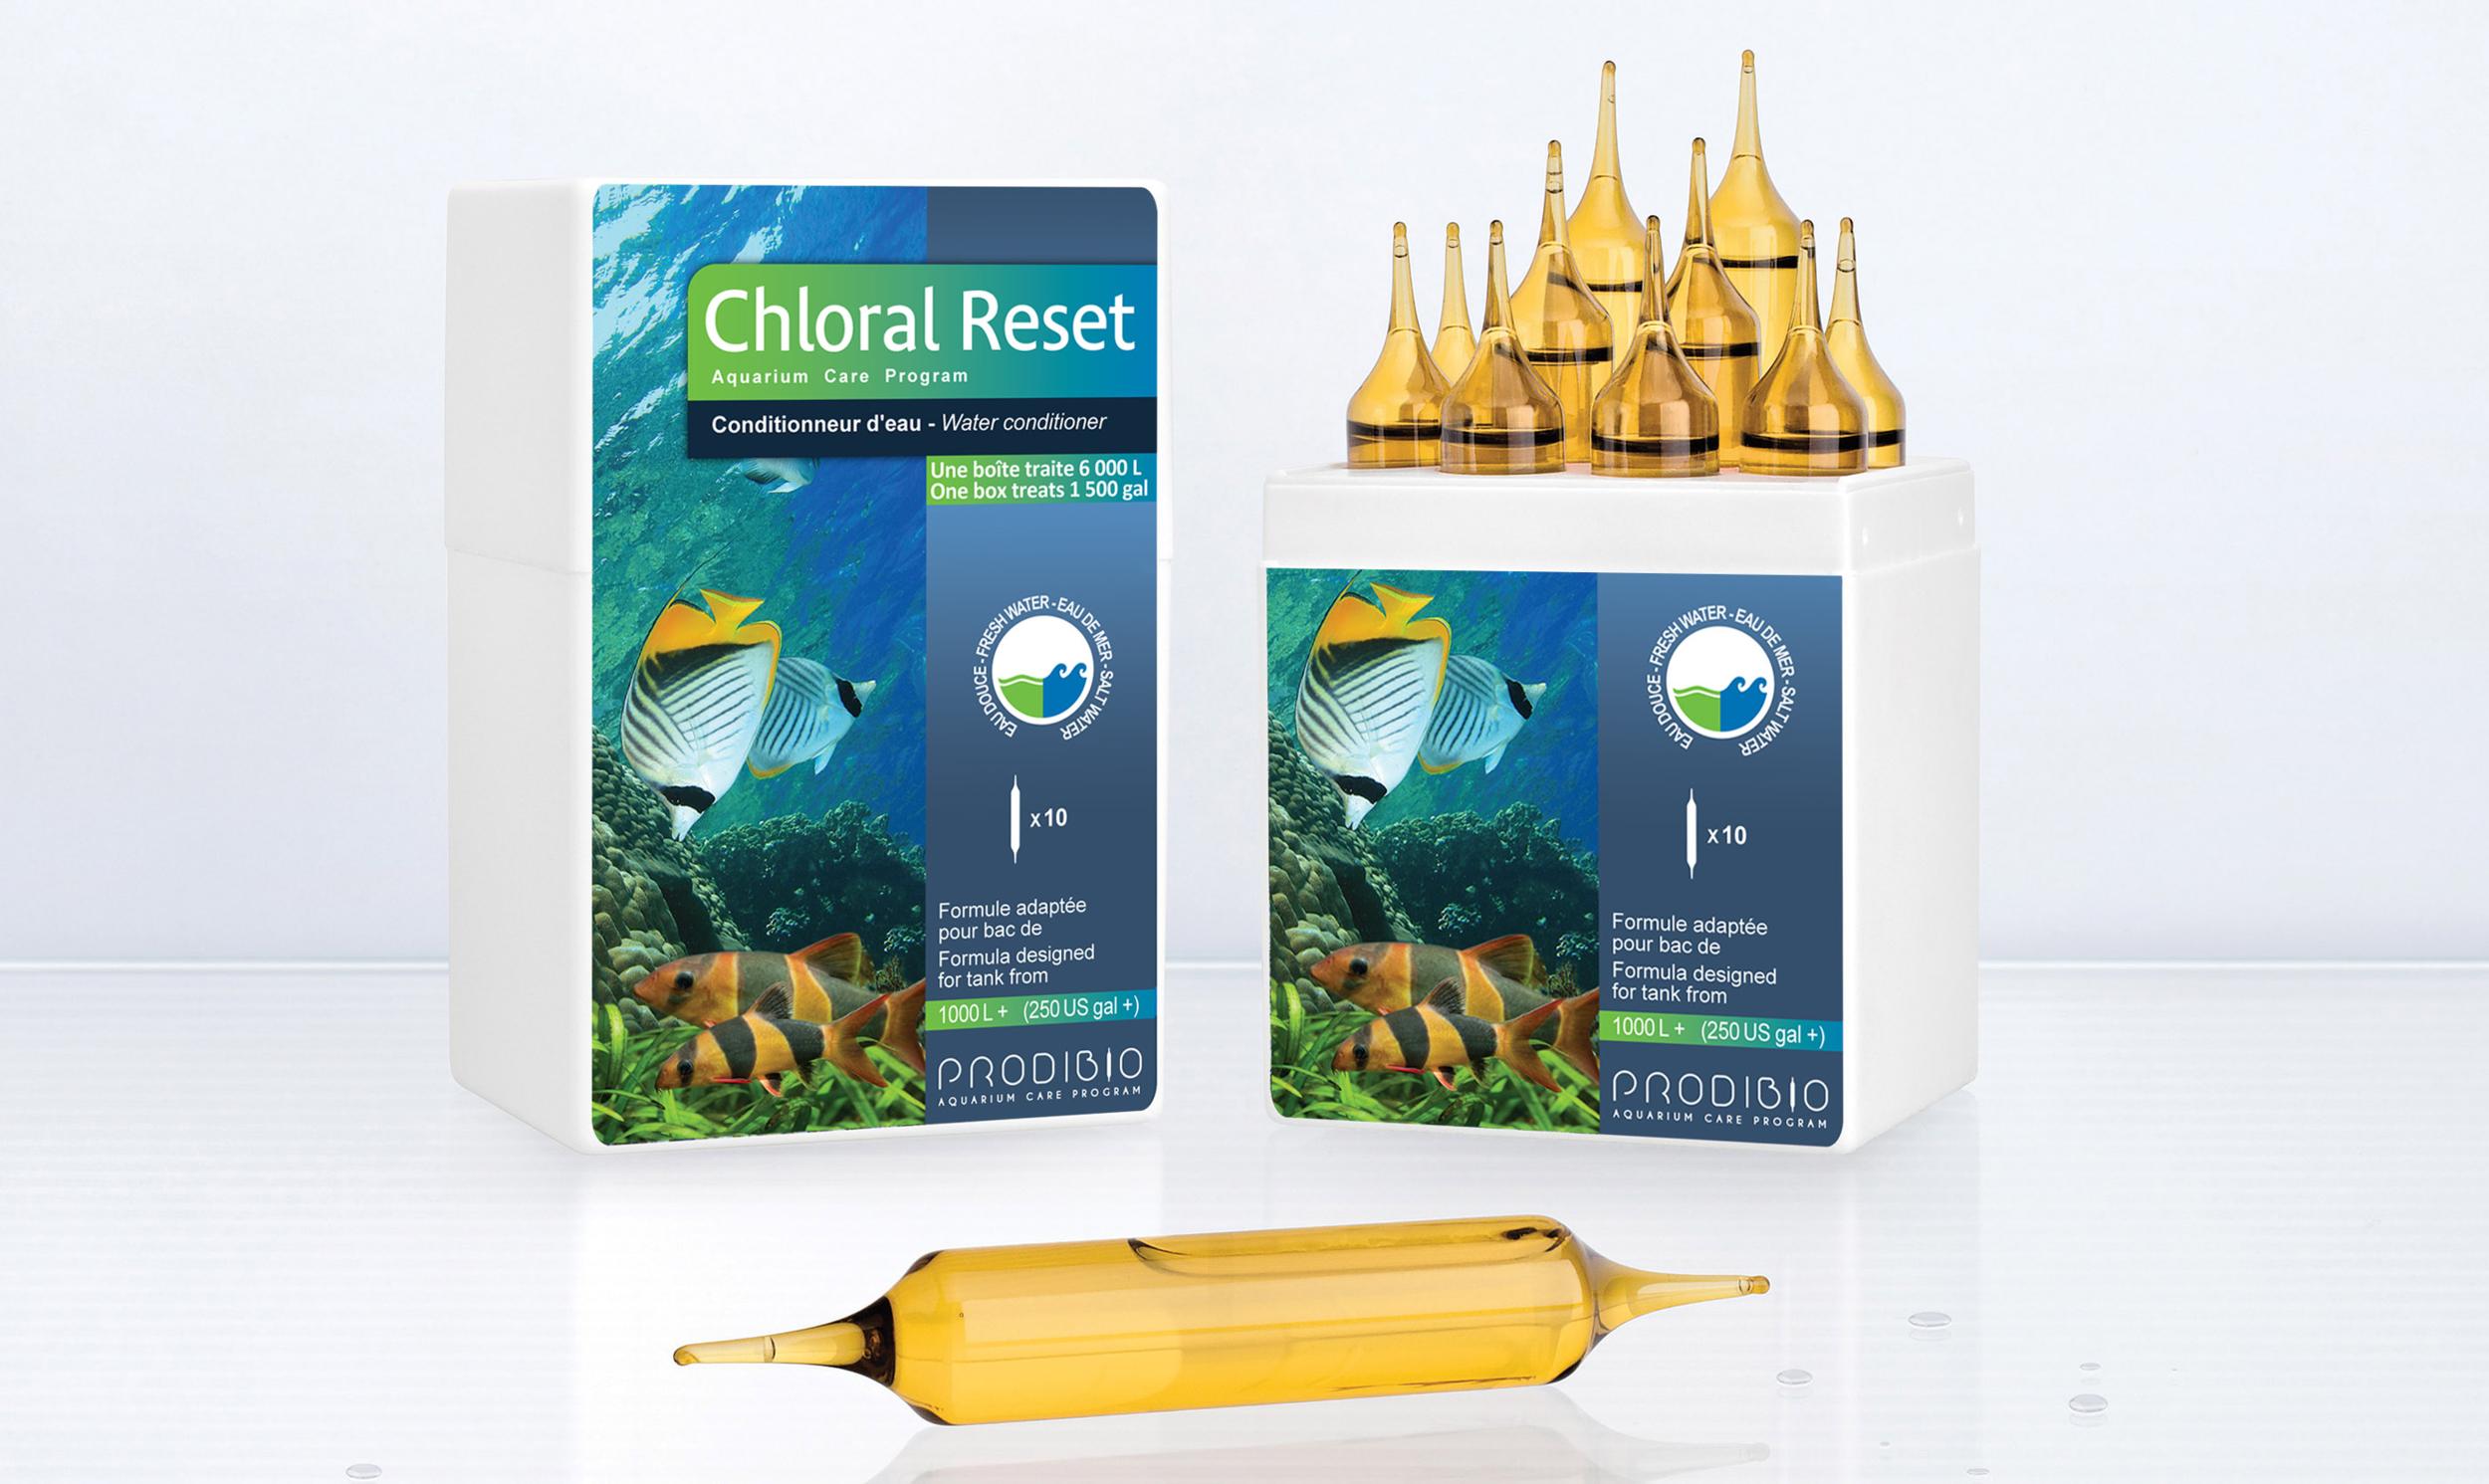 PRODIBIO Chloral Reset Pro 10 ampoules conditionneur d\'eau pour eau douce et eau de mer